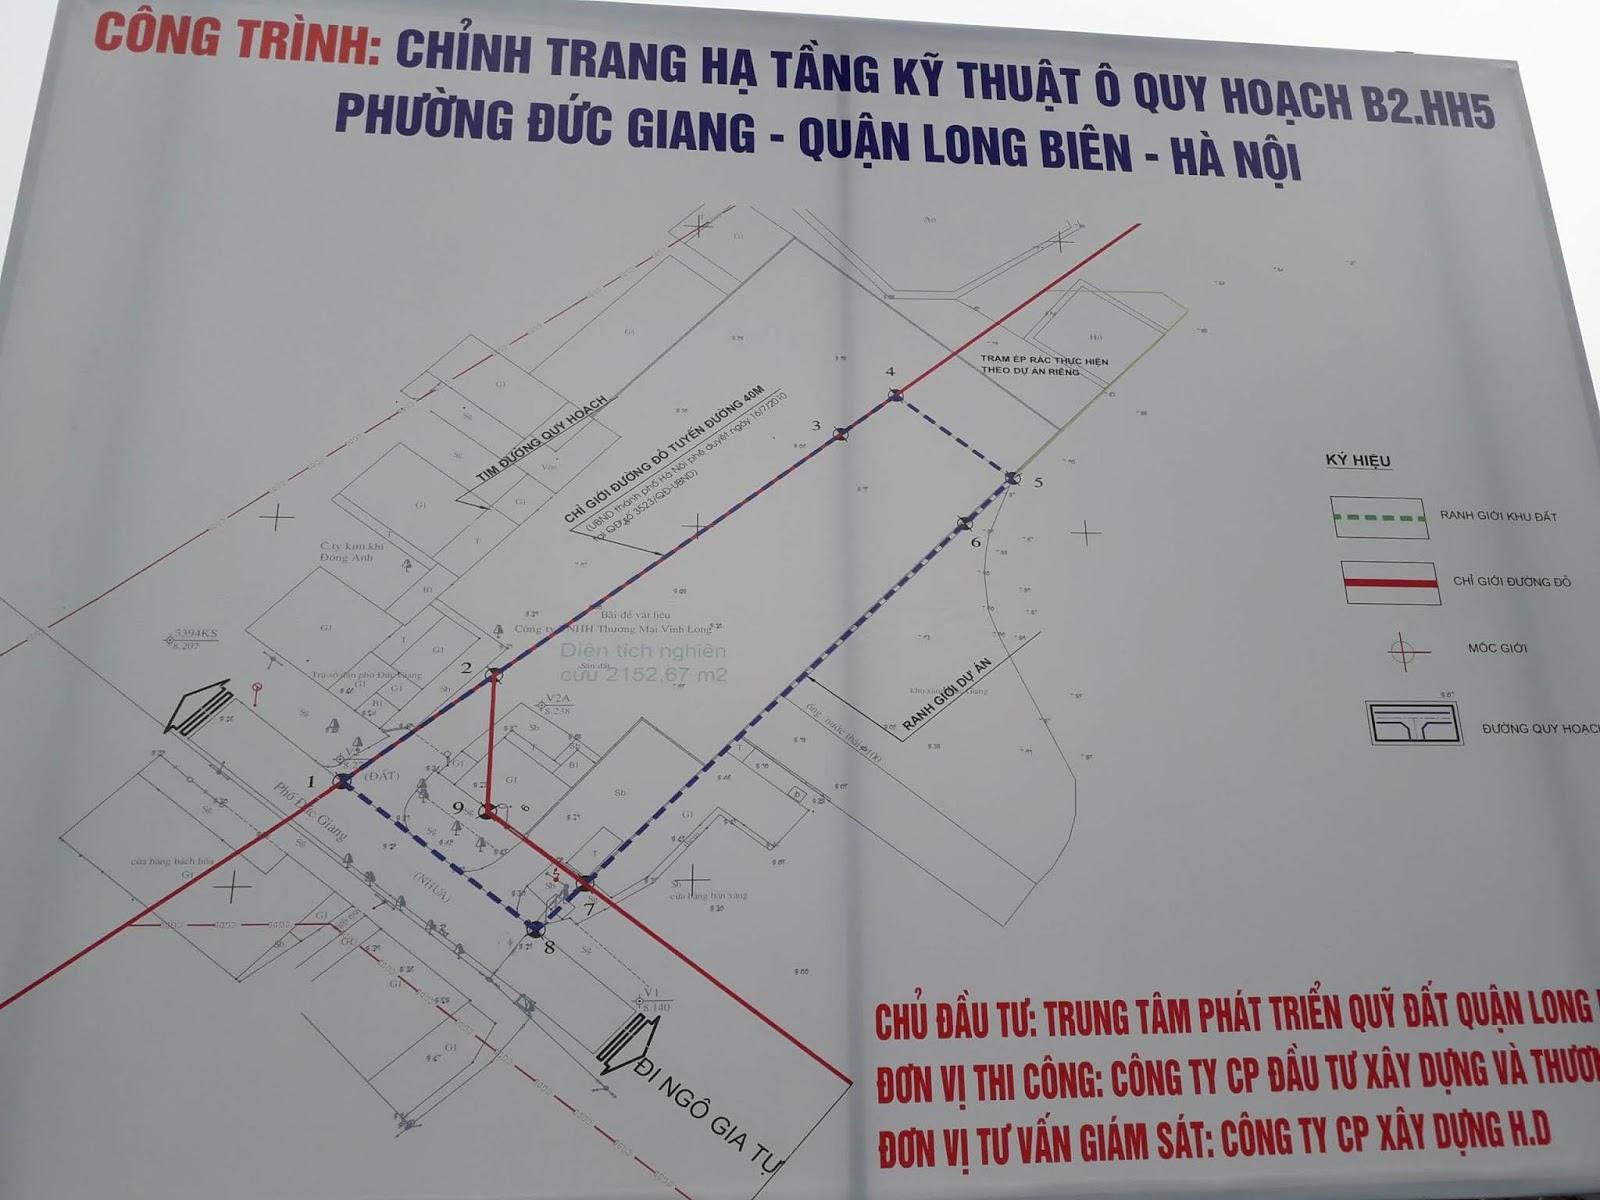 Chỉ giới đỏ đường 40m đi qua Thanh Am, Thượng Thanh, Đức Giang.